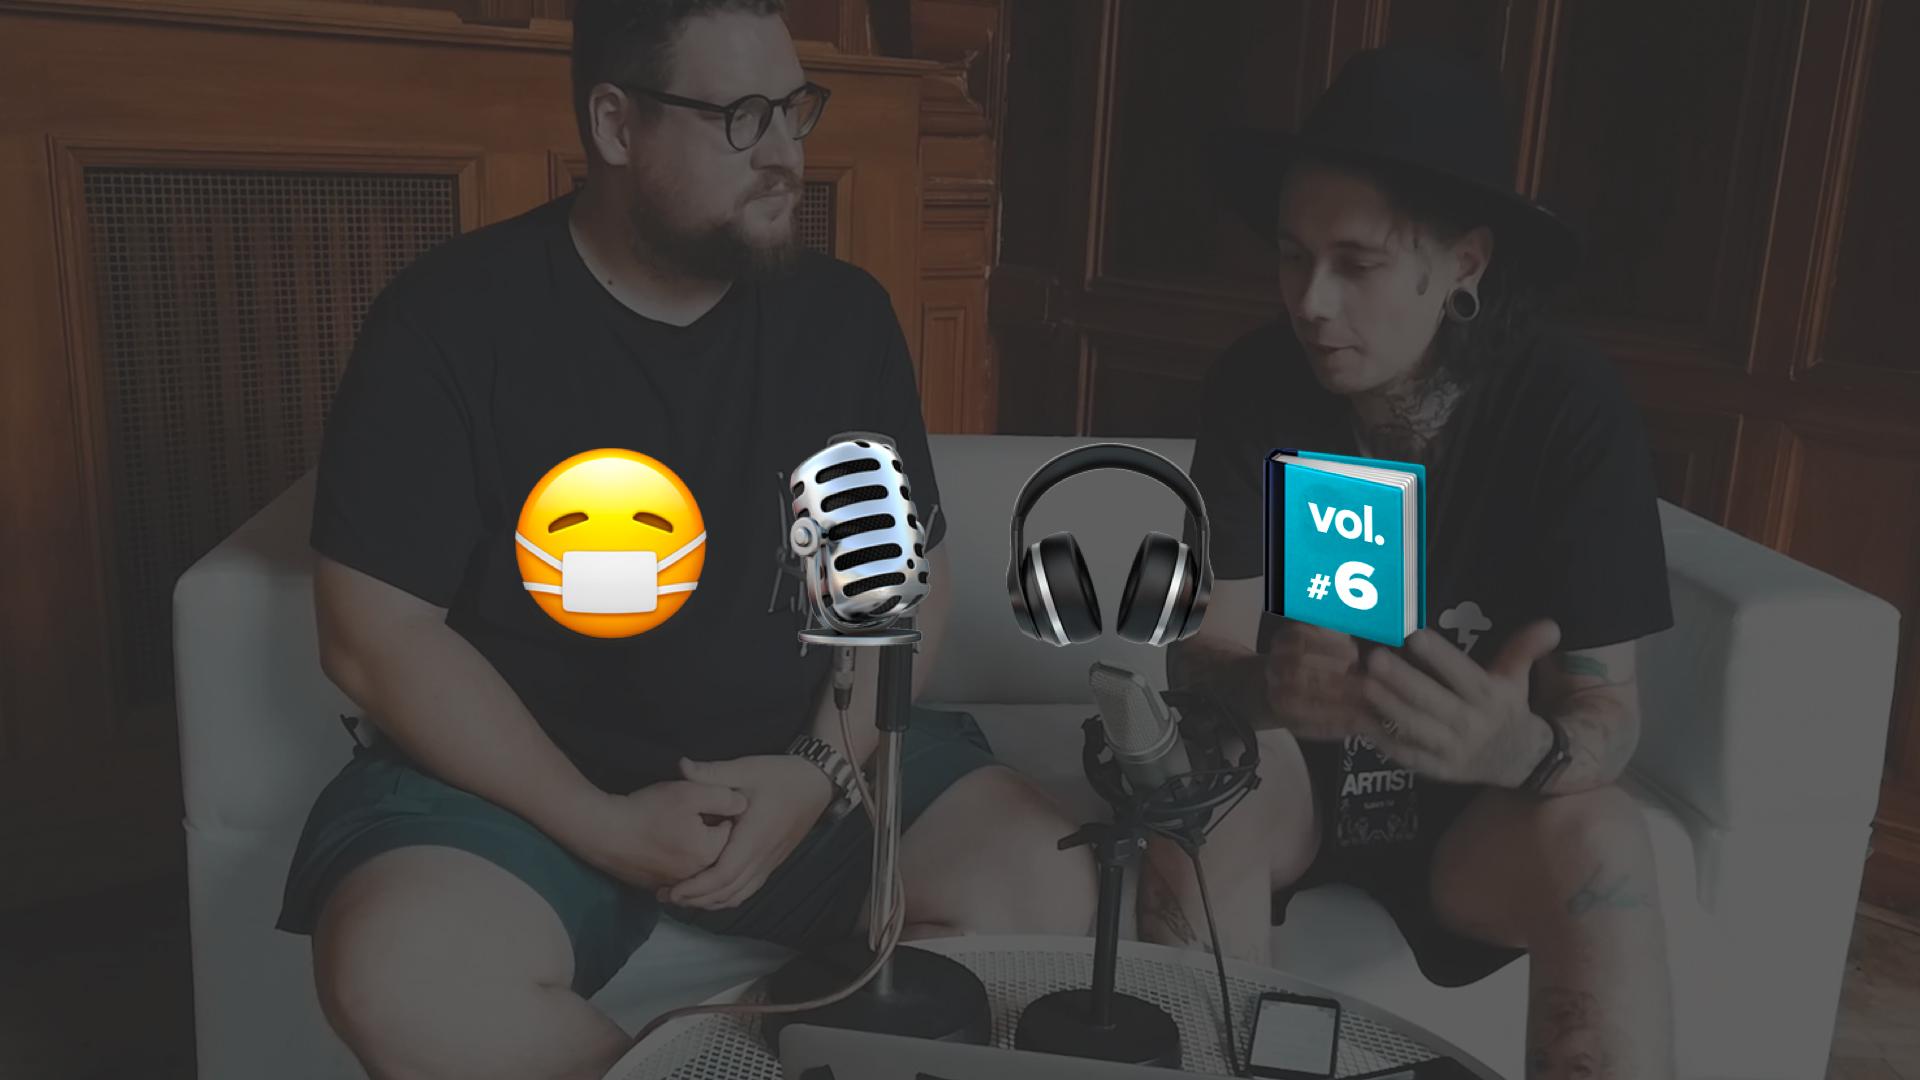 #6 Tenisky nech v botníku: Podcasty jako tvůj nový kolega